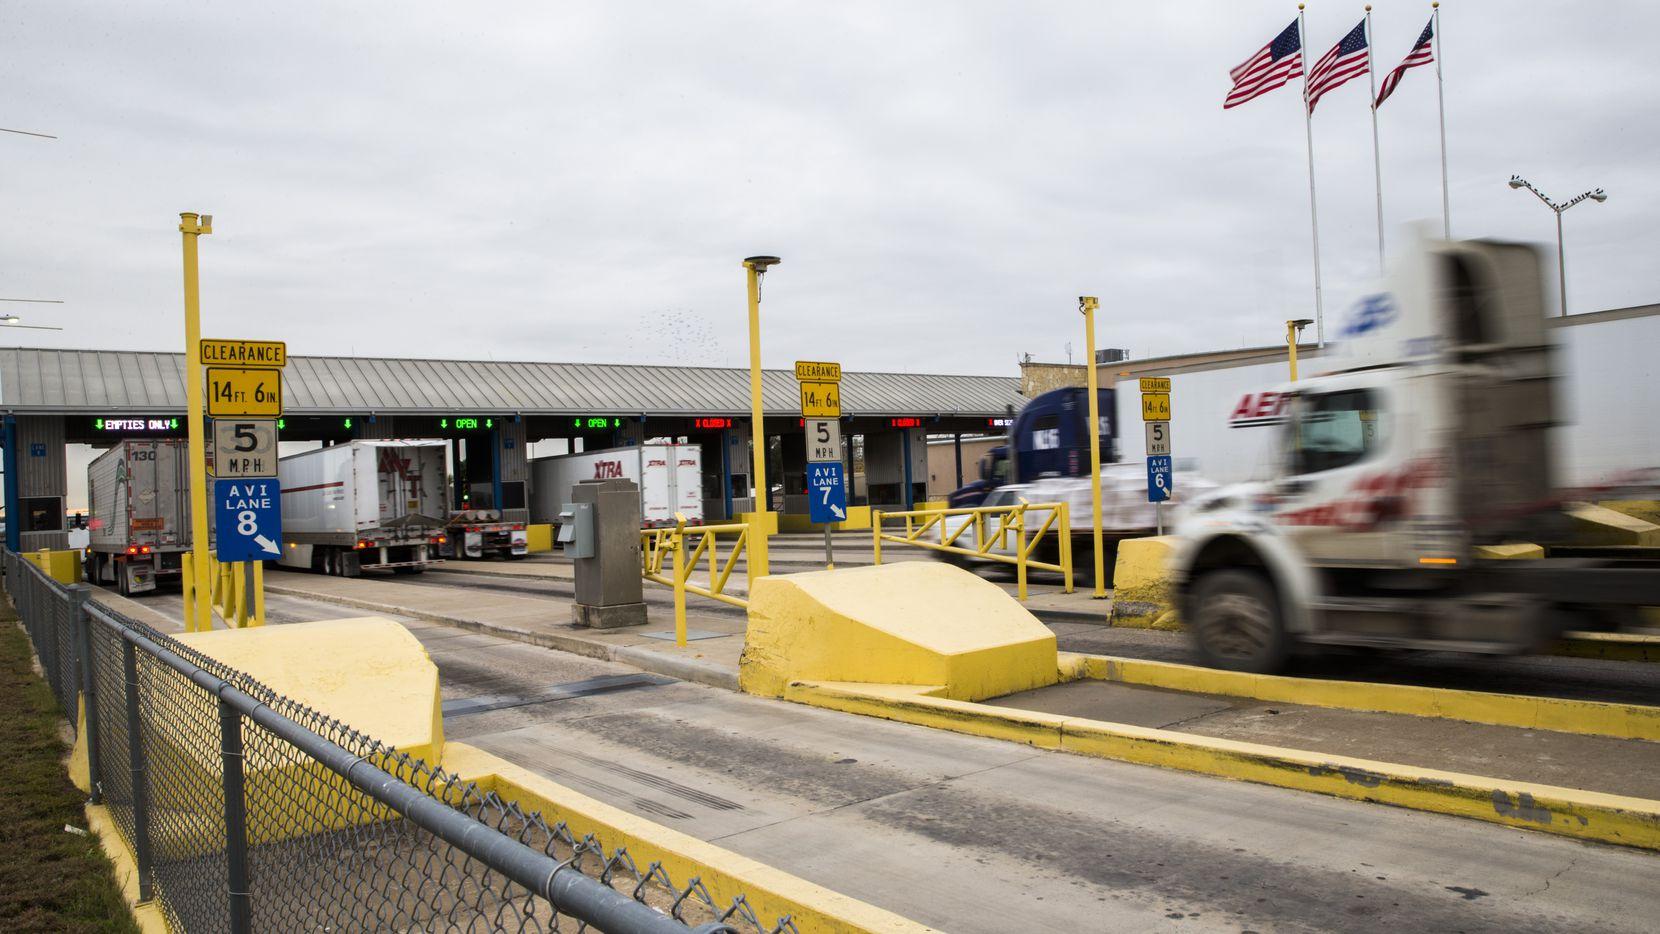 Este 1 de julio entra en vigor el USMCA, el acuerdo comercial entre Estados Unidos, Canadá y México. En Texas, casi un millón de empleos están relacionados con industrias que se benefician del tratado entre los tres países.